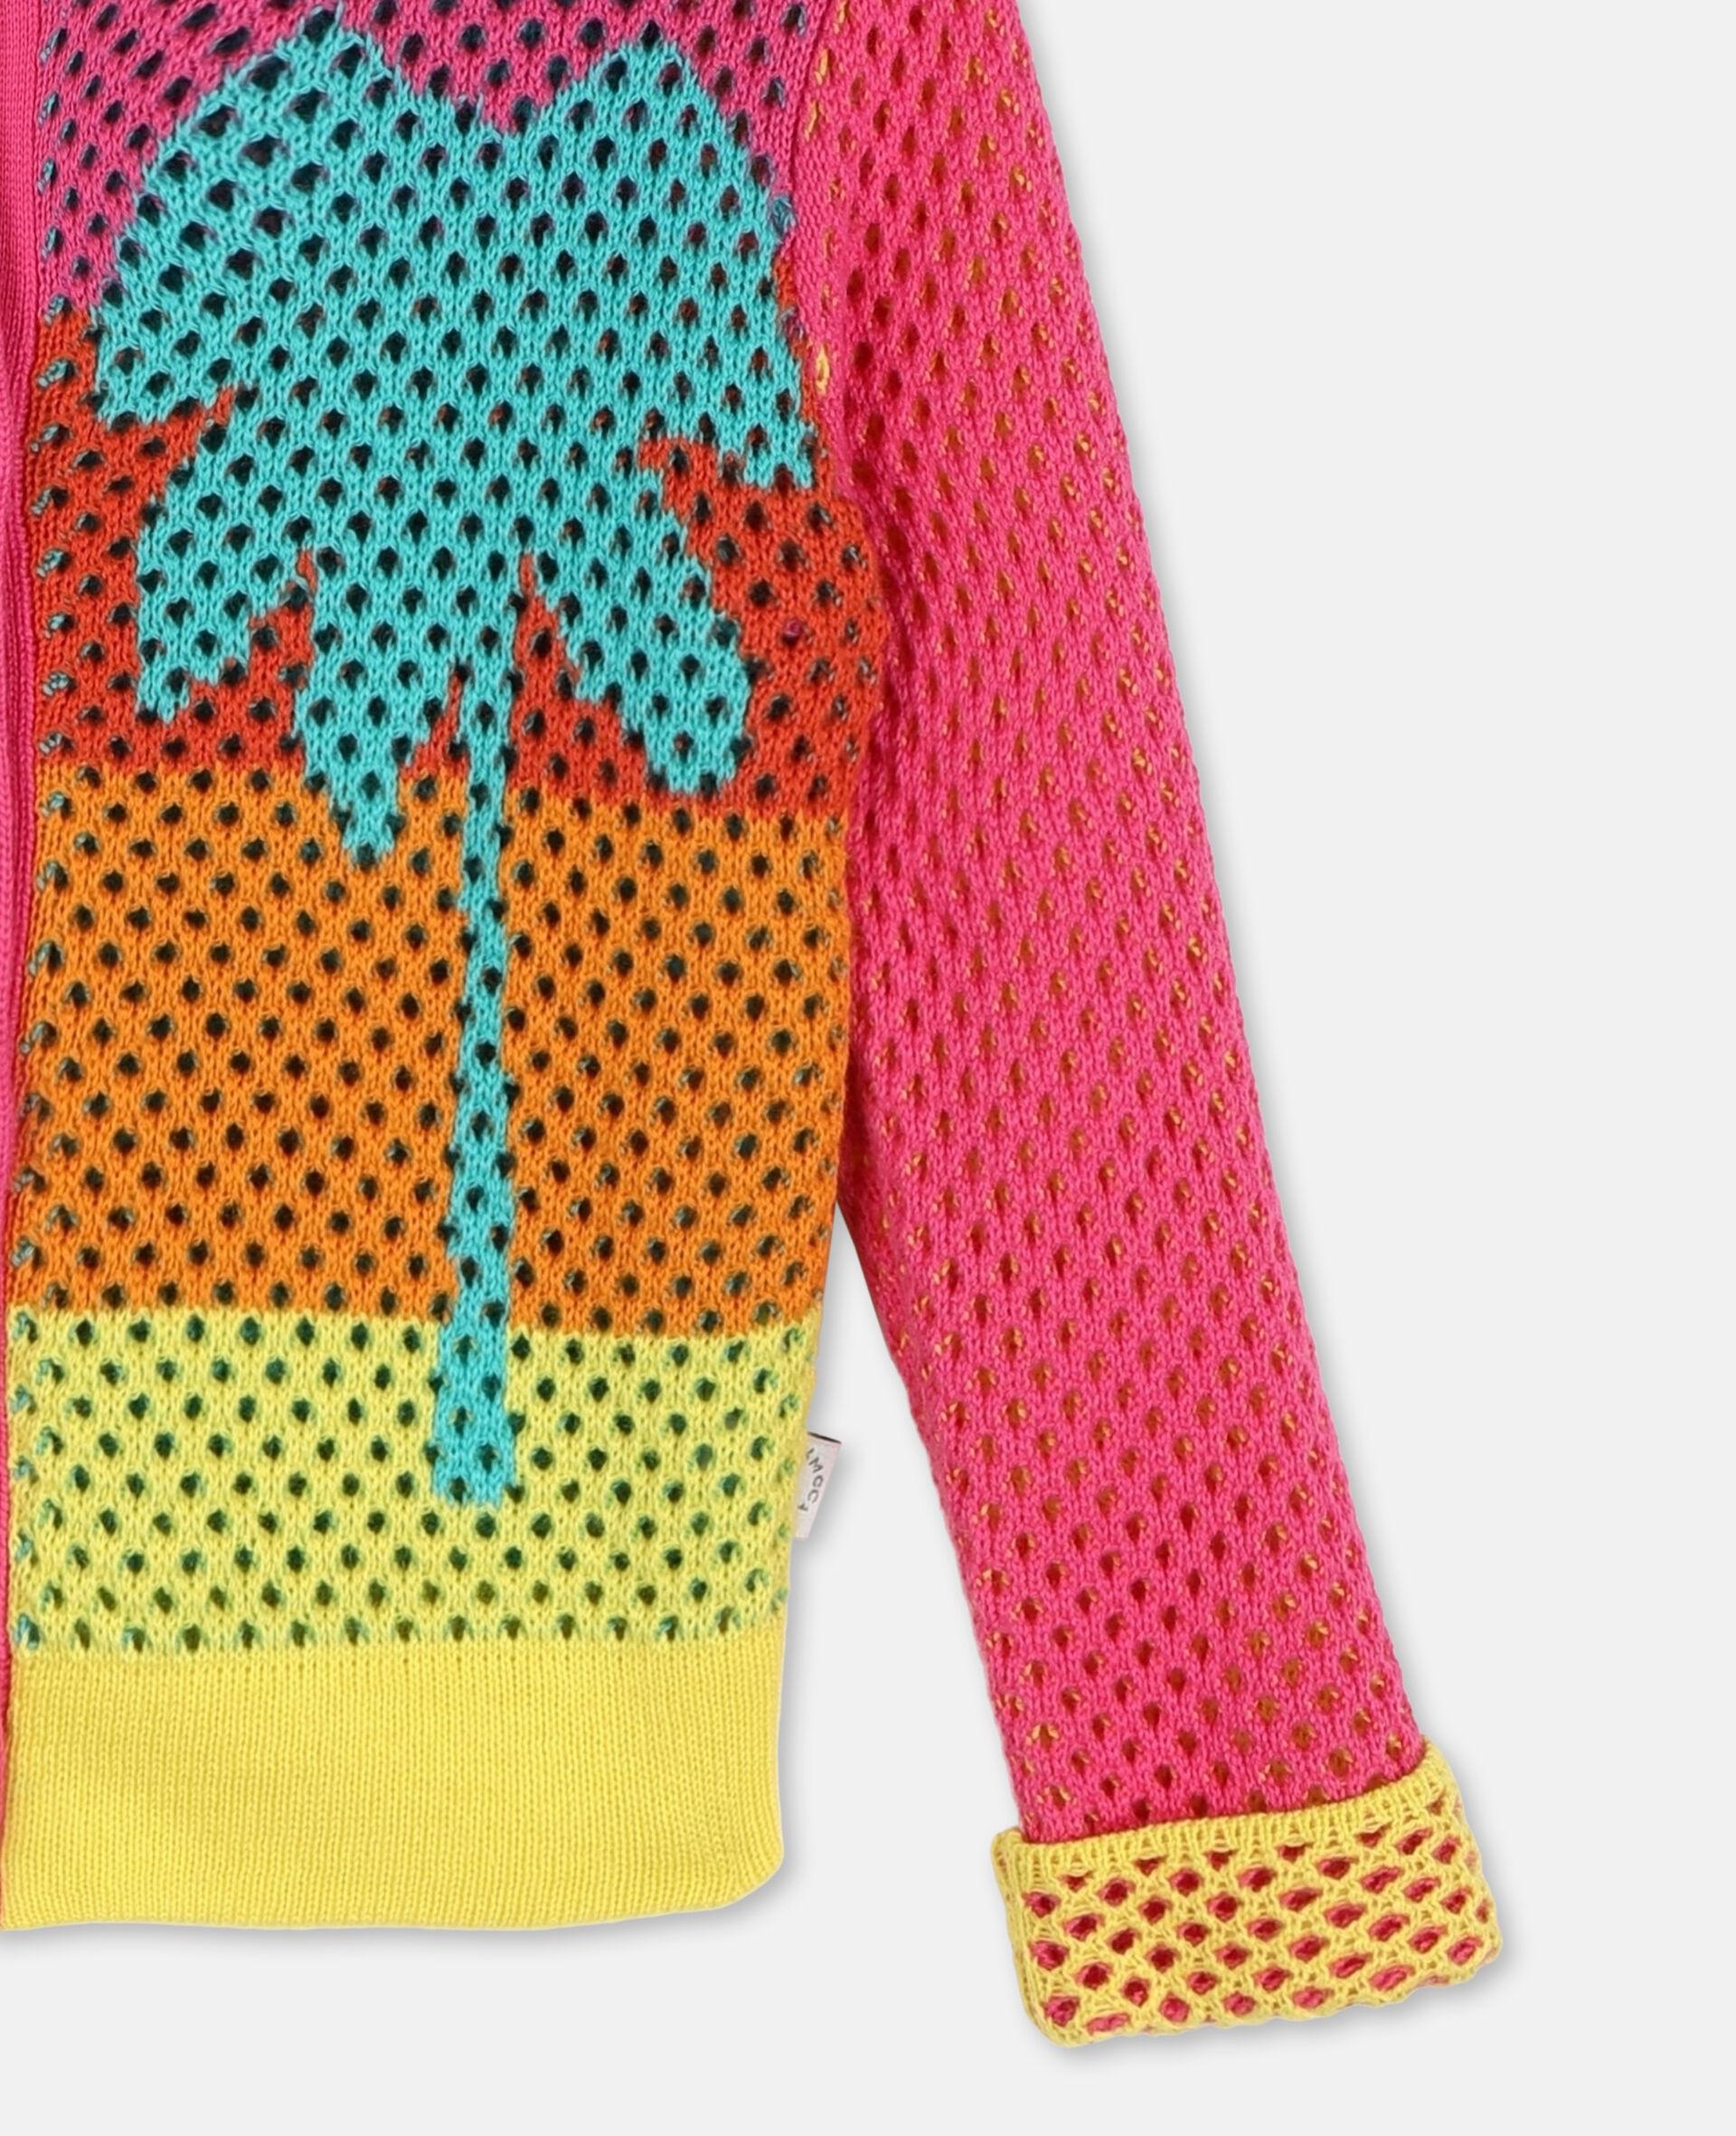 Jacke aus Baumwollmesh mit Intarsien-Bunt-large image number 2